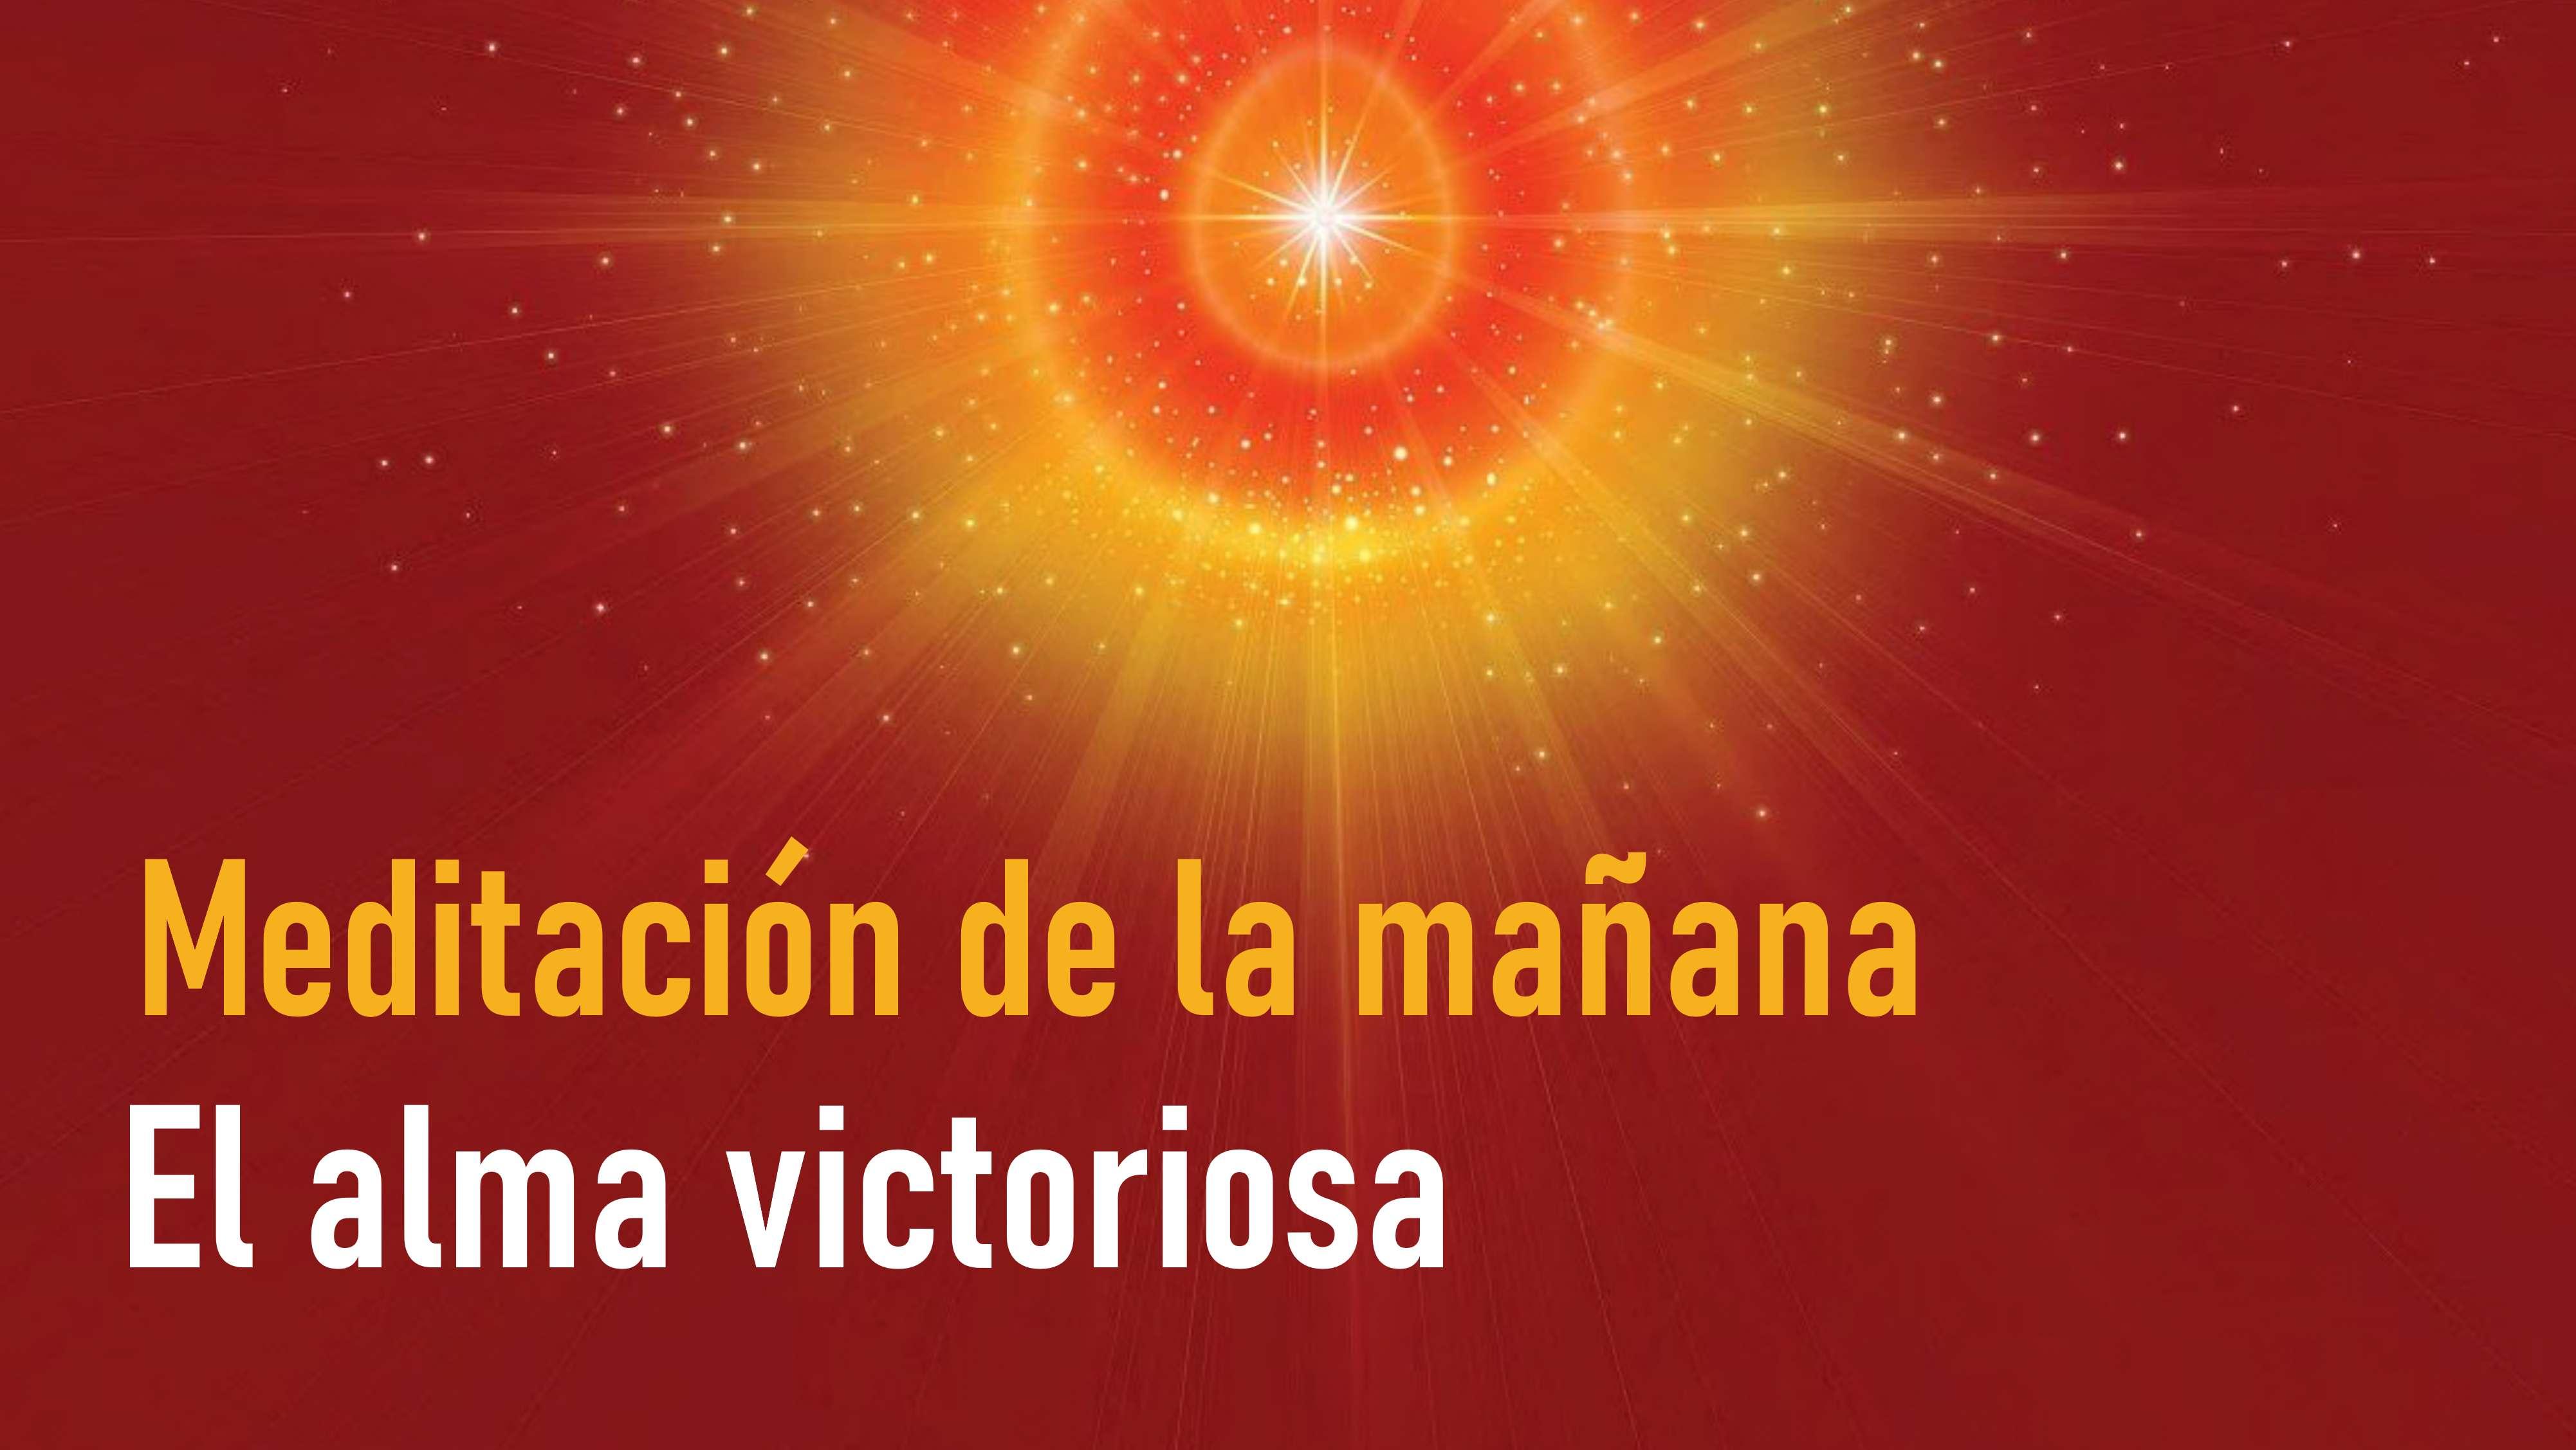 Meditación de la mañana: El alma victoriosa (19 Agosto 2020)